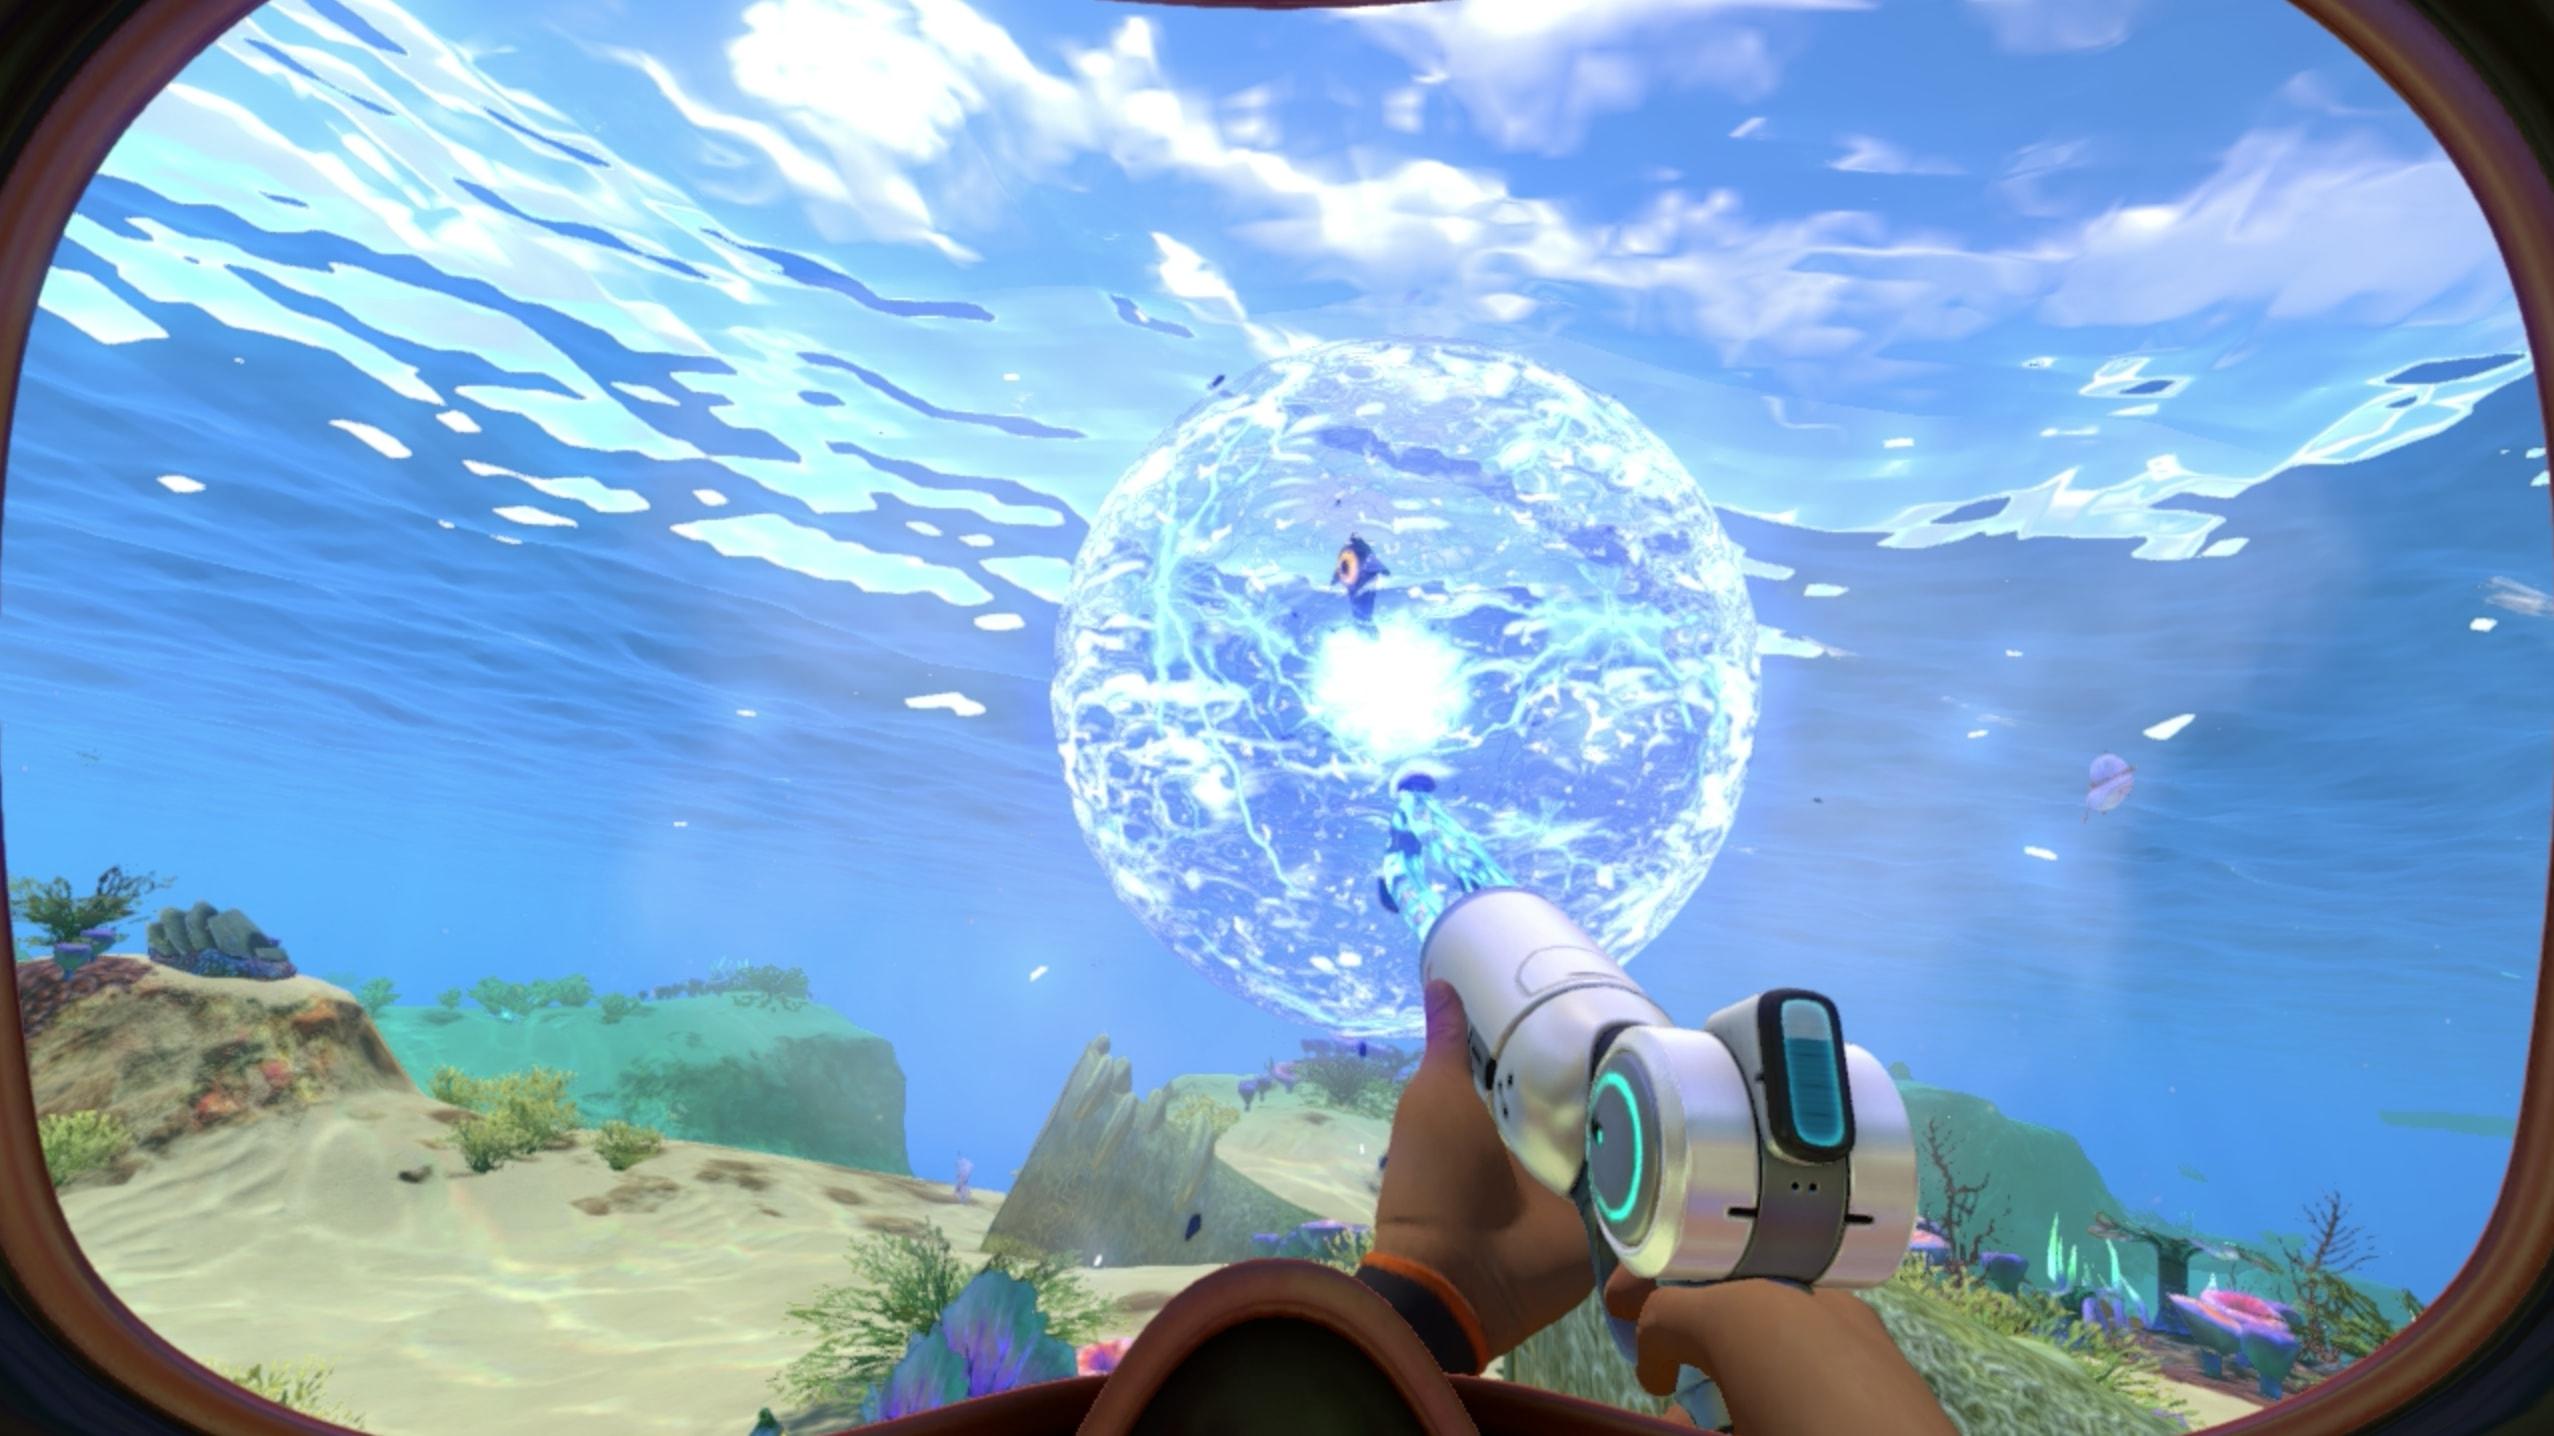 Xbox Update 2 Subnautica